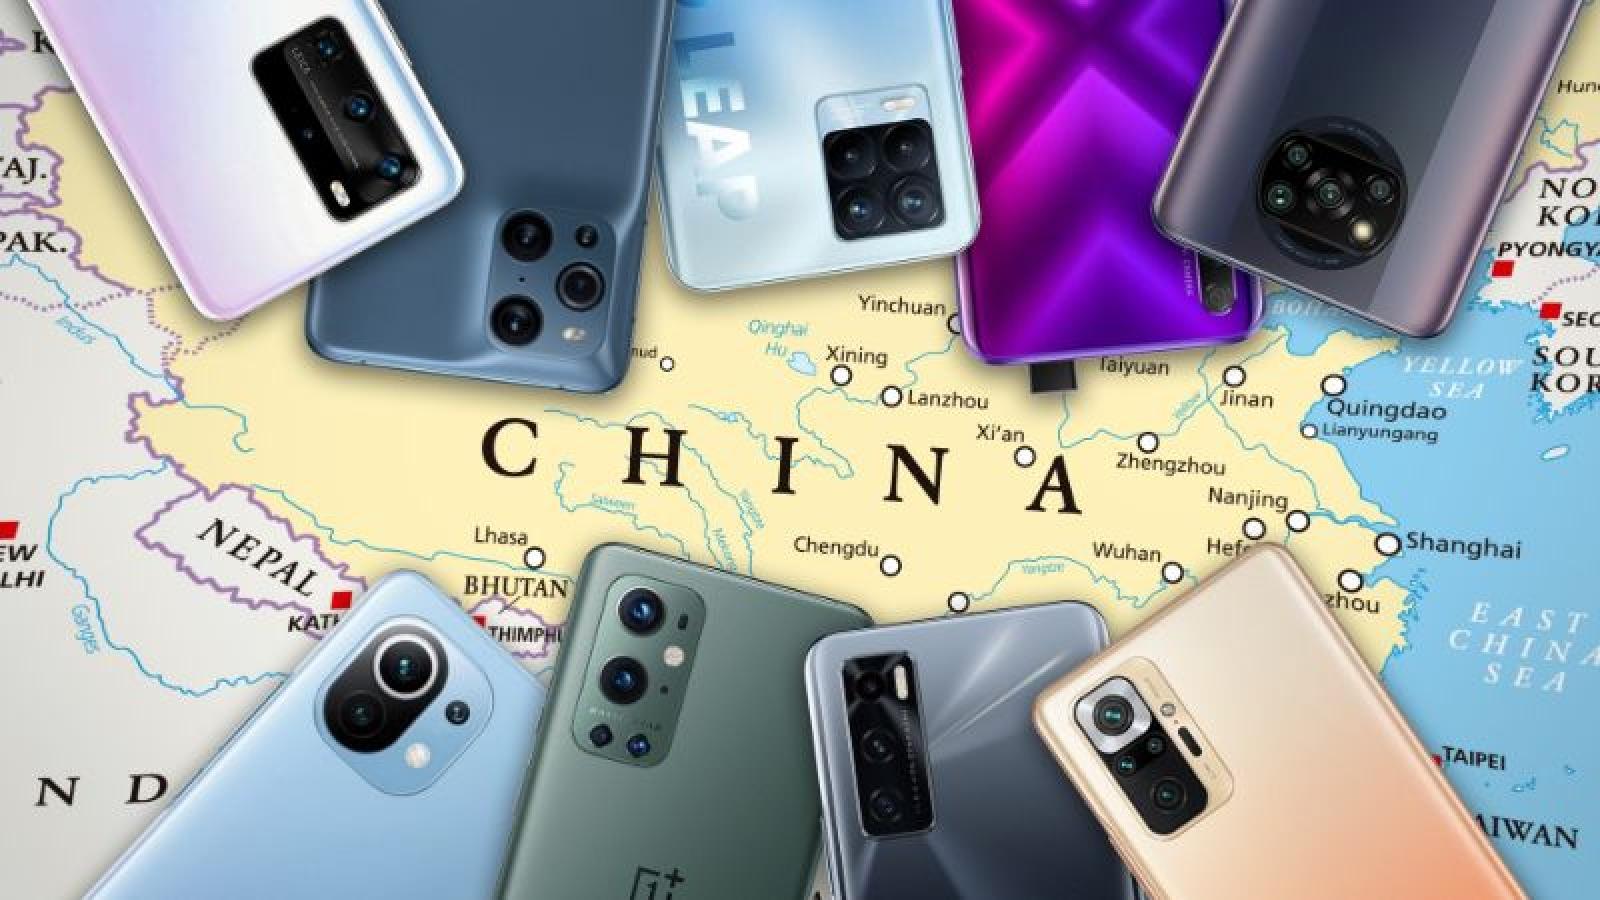 Litva khuyến cáo người tiêu dùng tránh mua điện thoại Trung Quốc